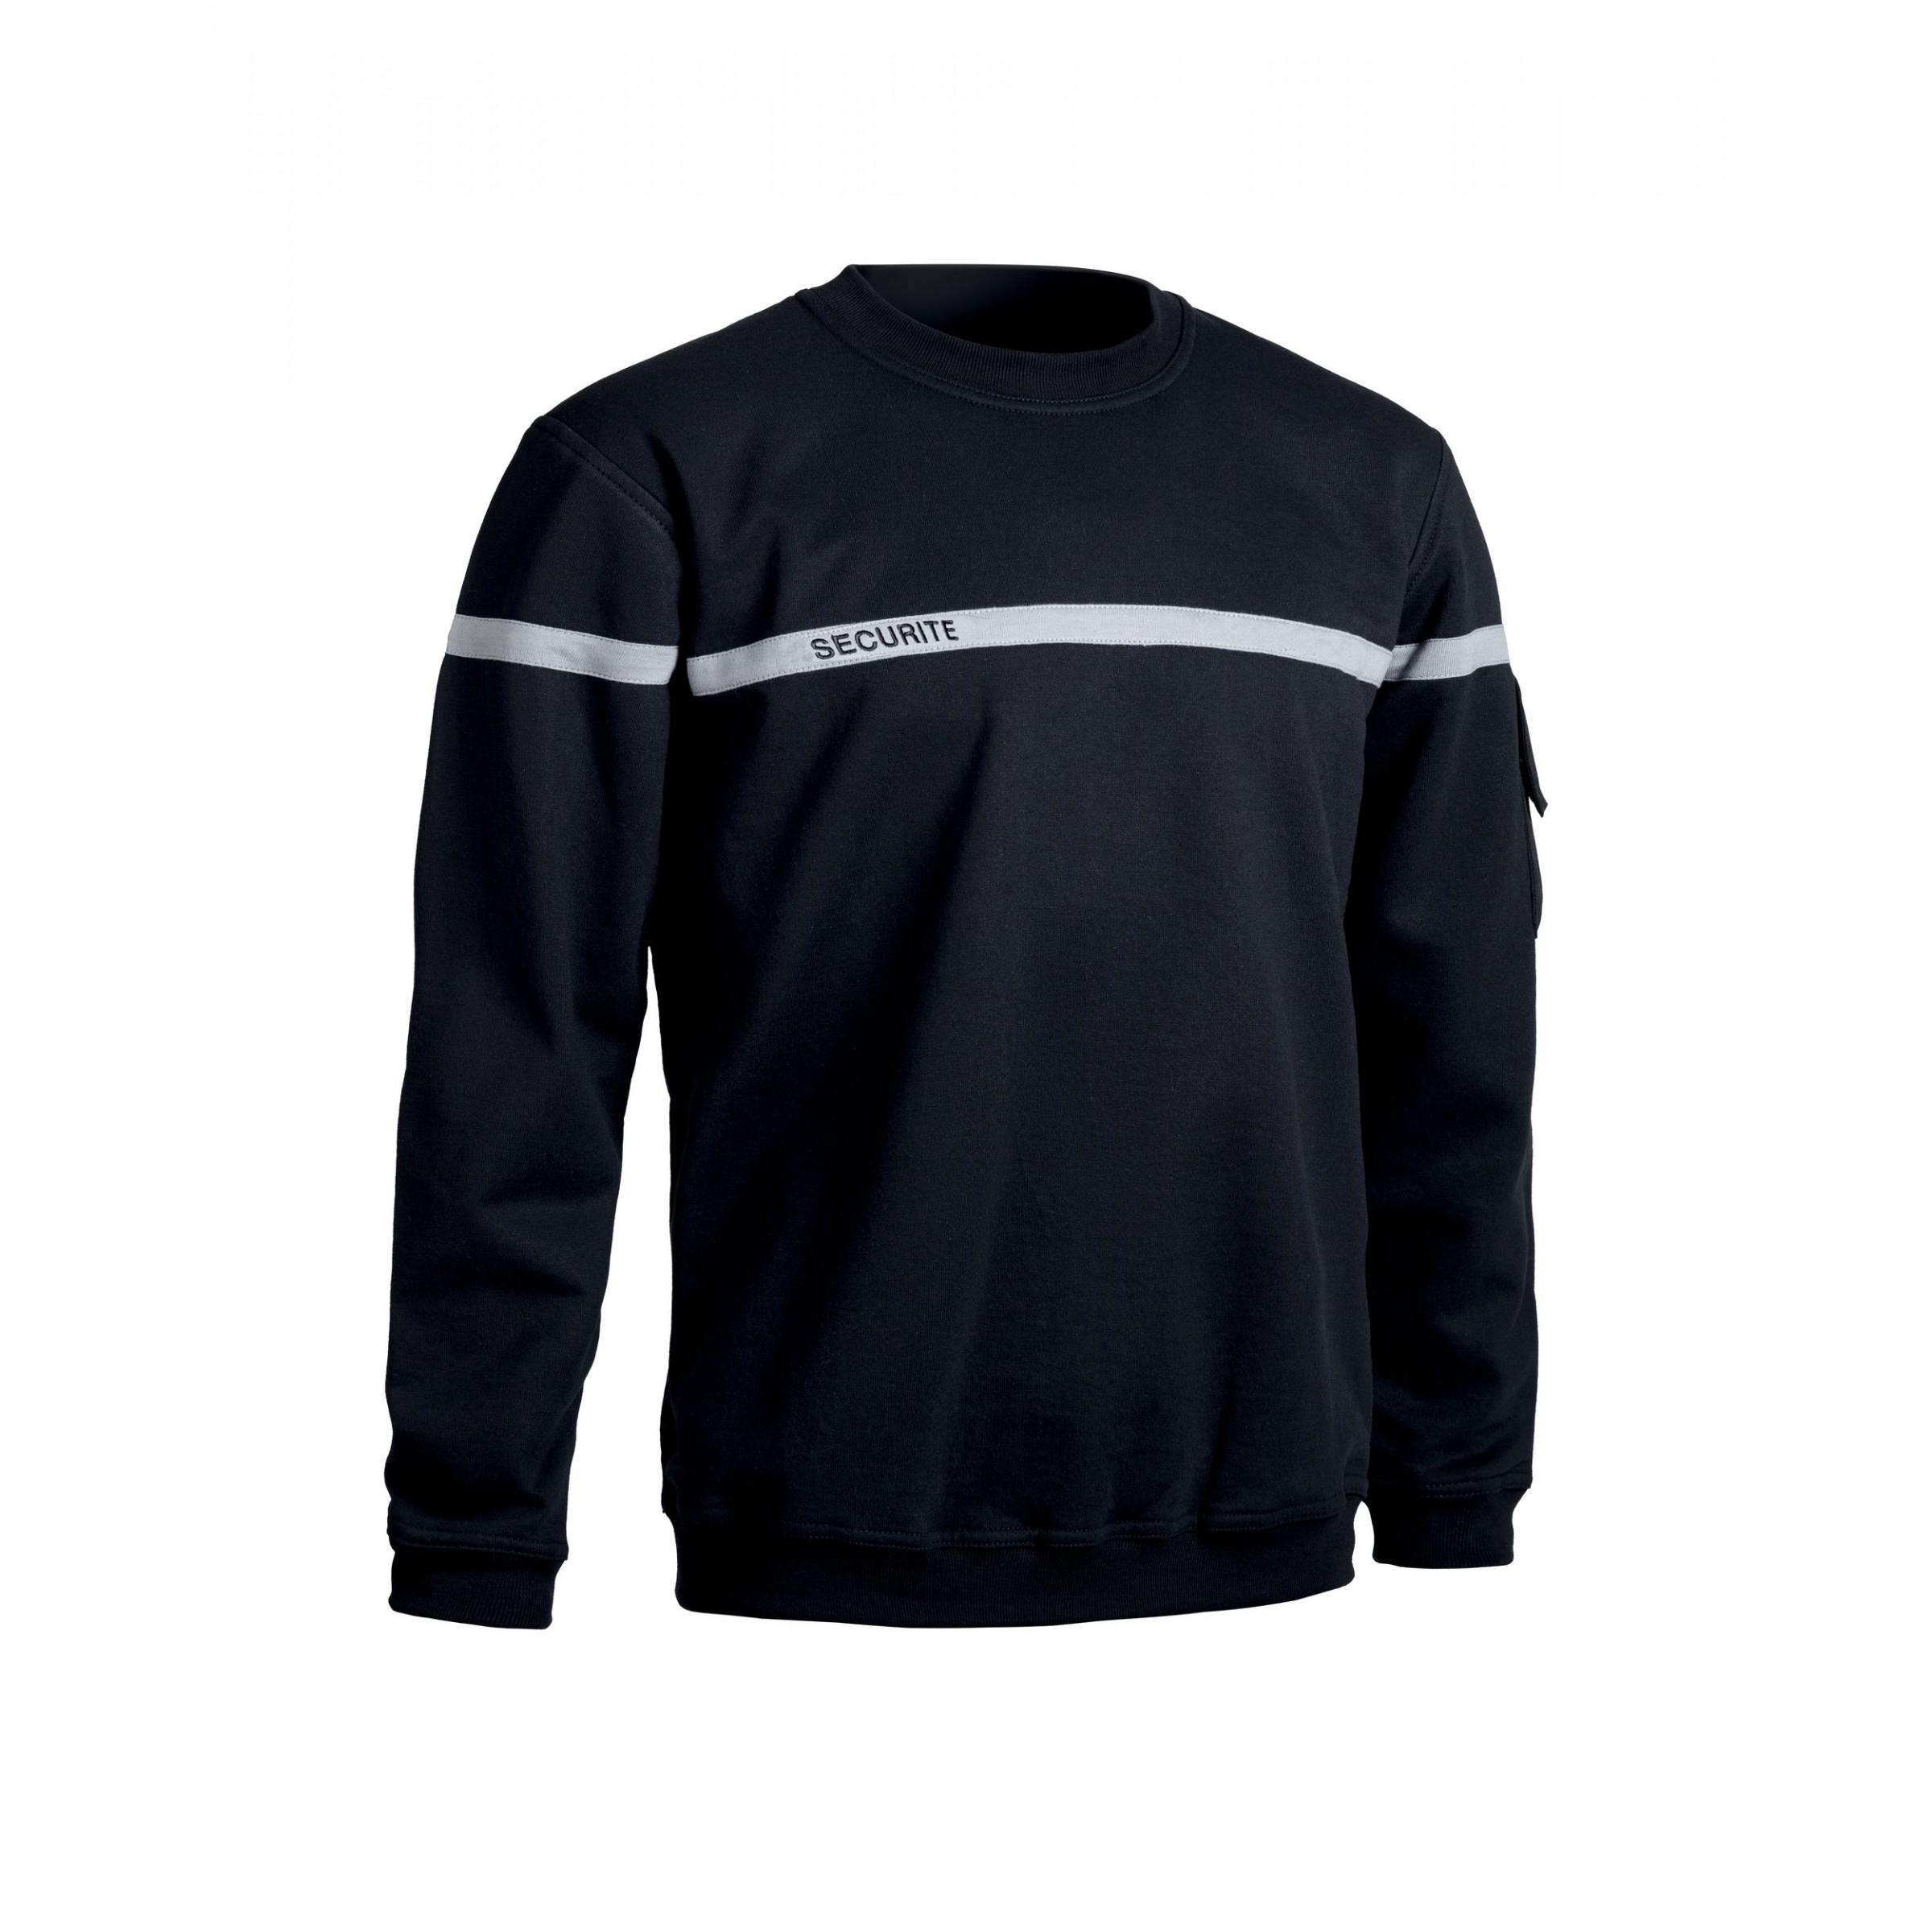 Sweat shirt bande grise pour agent de sécurité